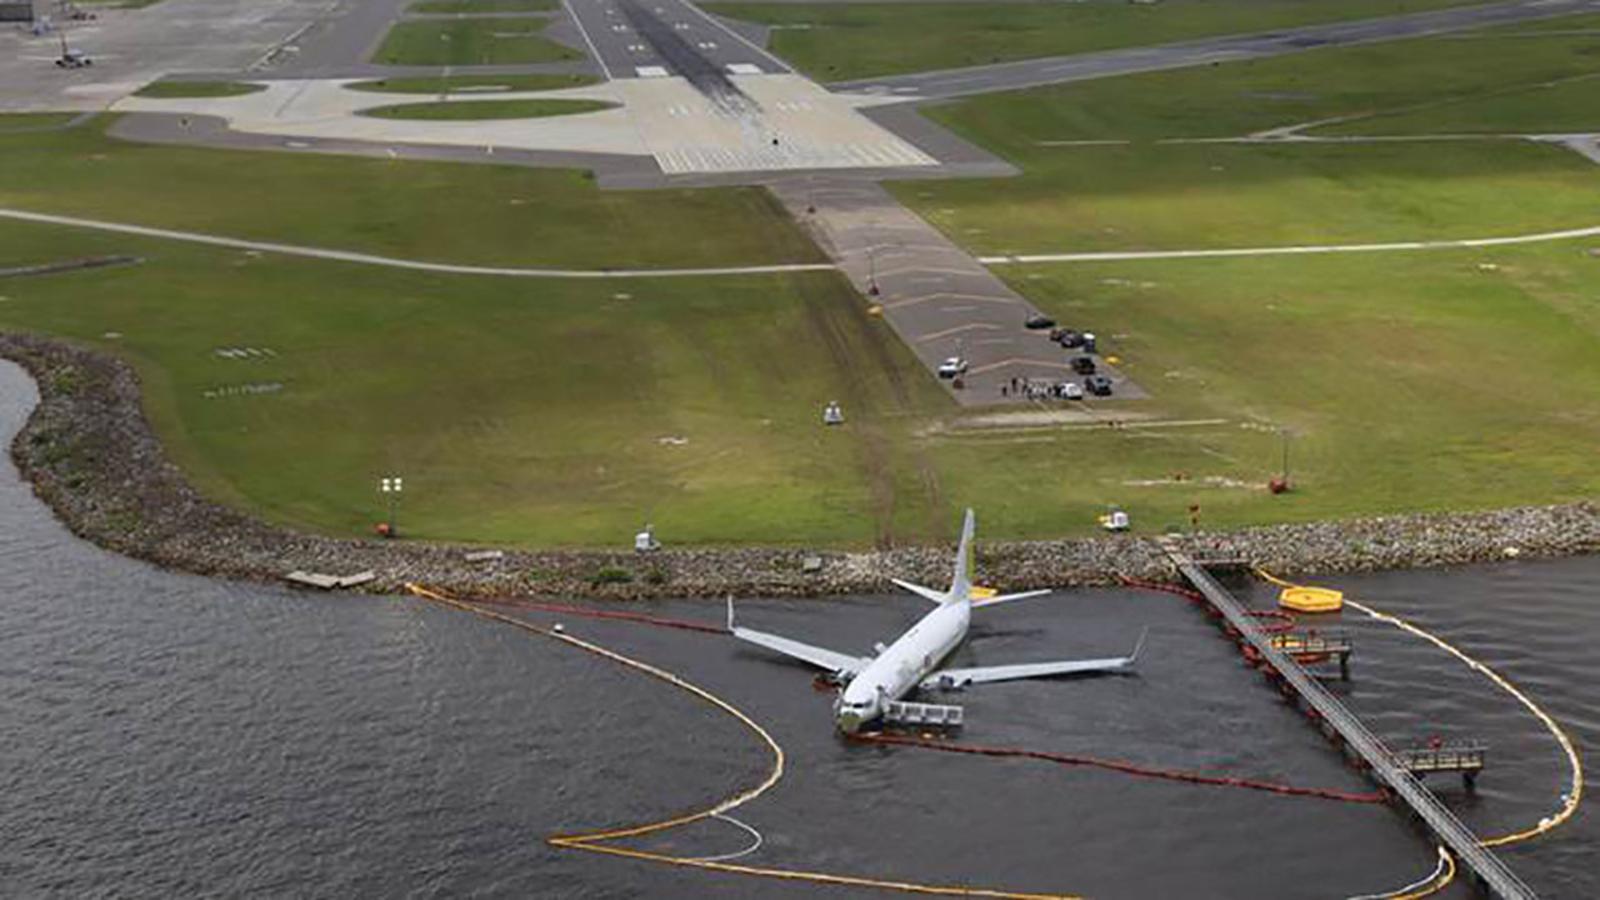 5285513_050419-cc-ntsb-aerial-fla-plane-img.jpg